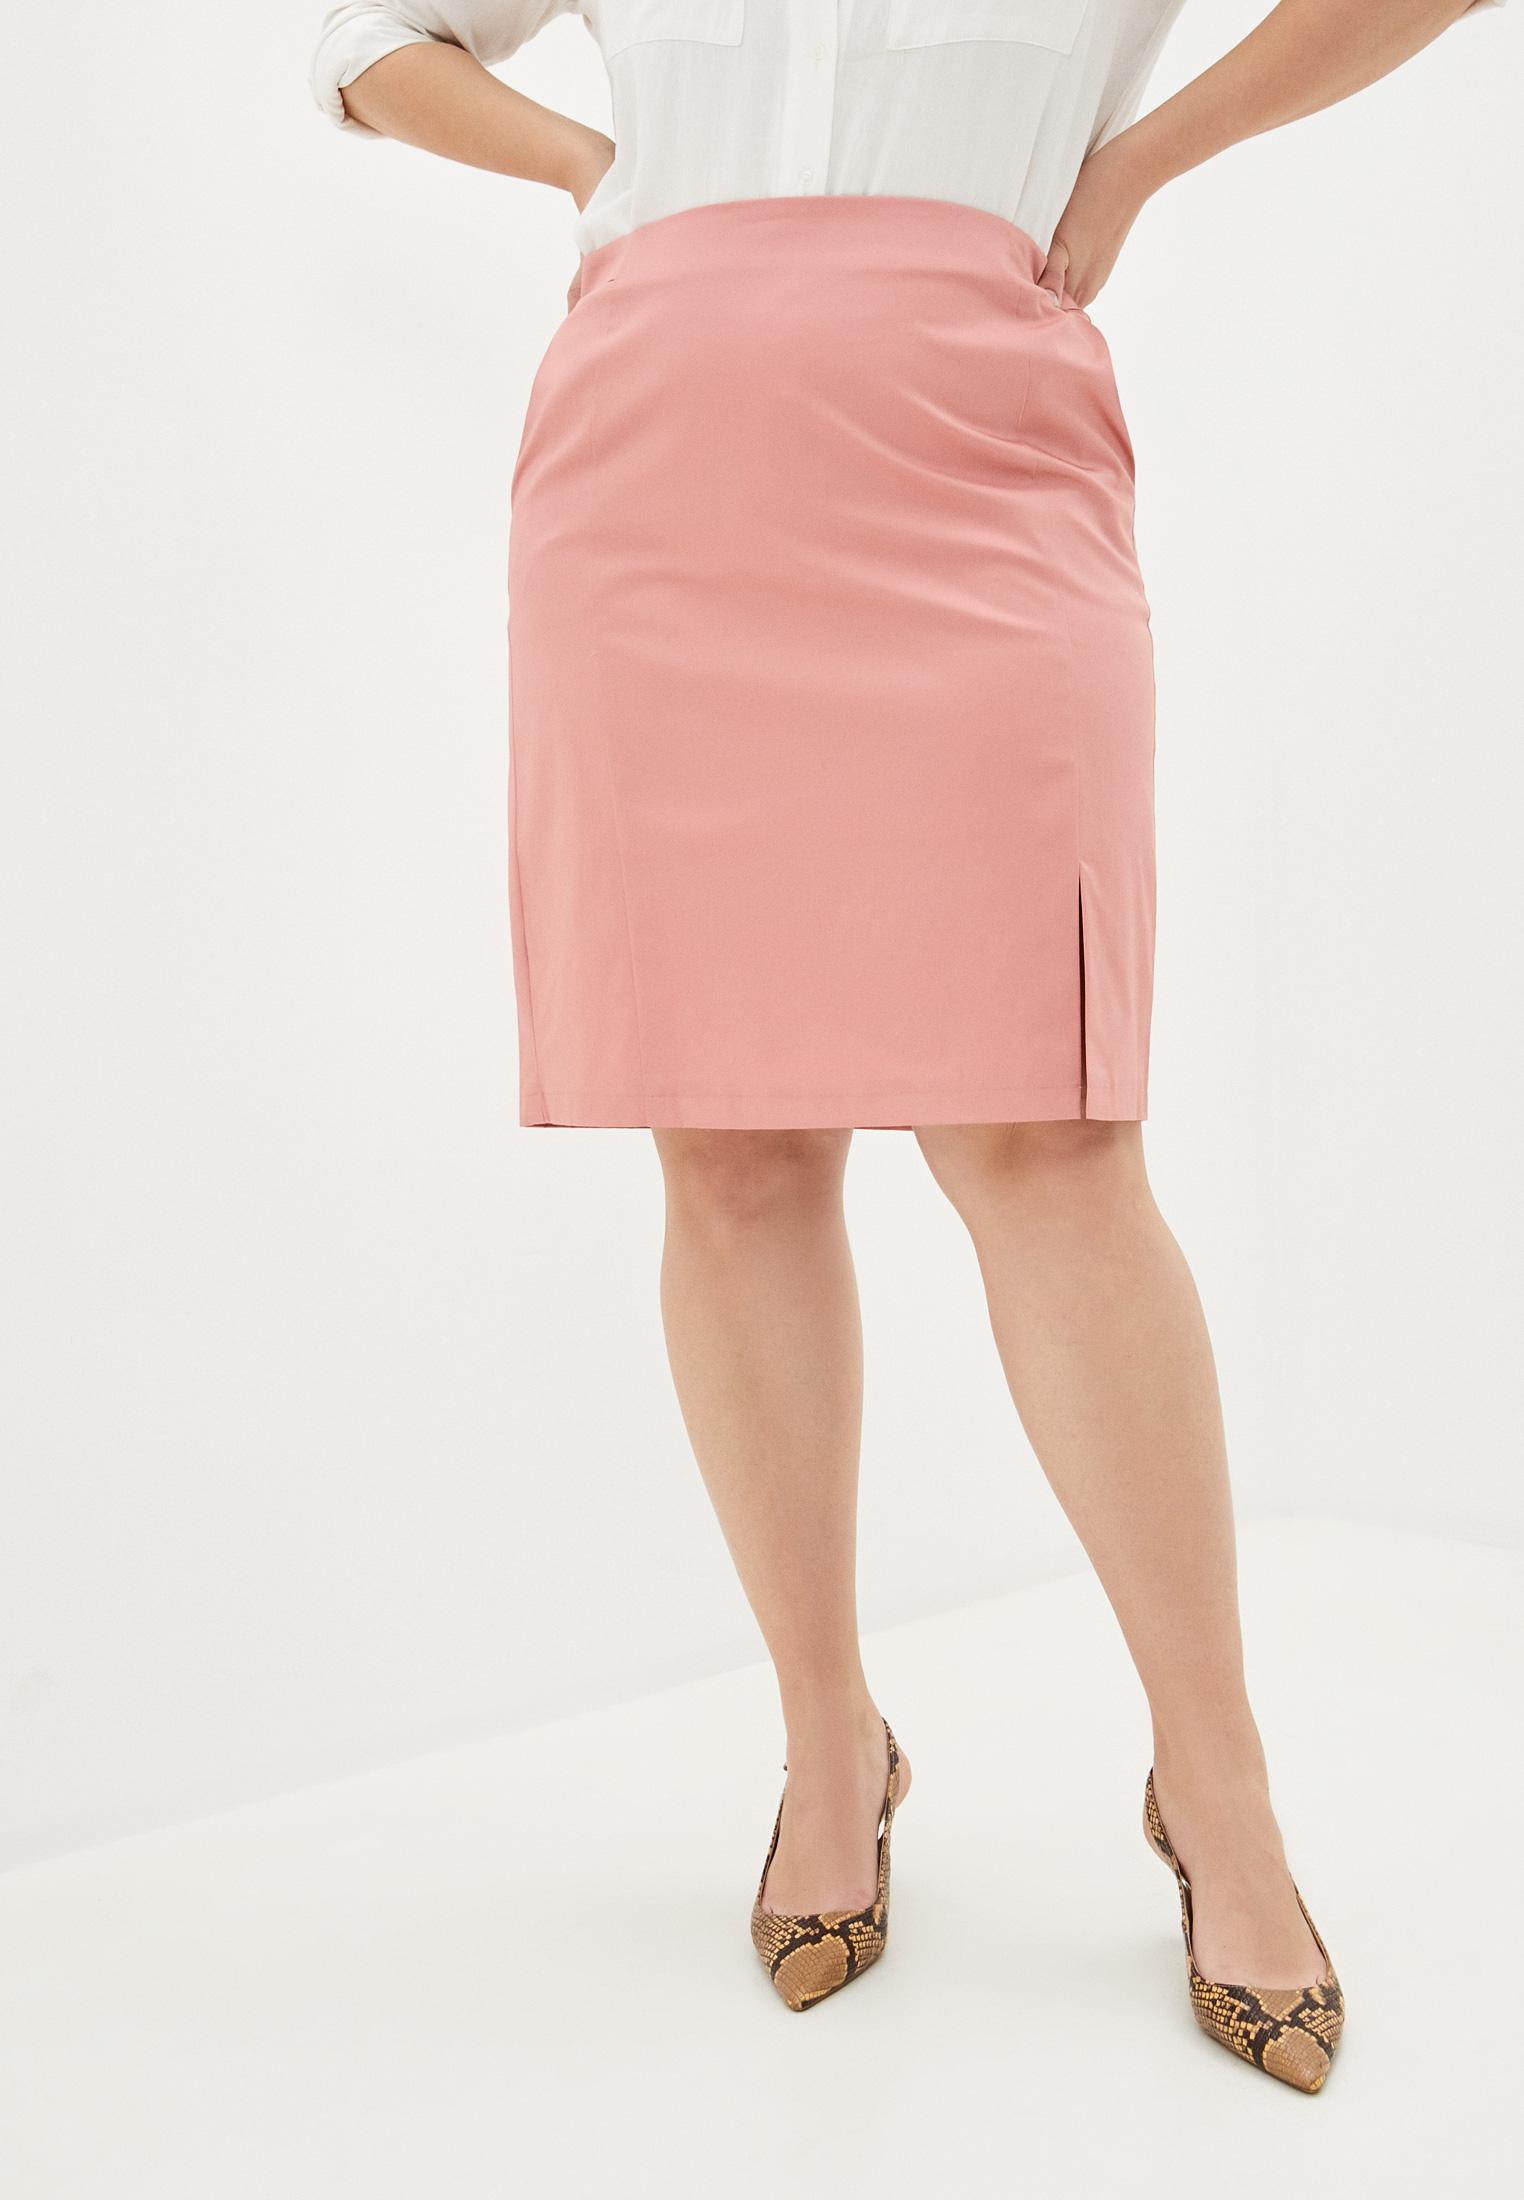 Прямая юбка Gerry Weber (Гарри Вебер) 310026-31370